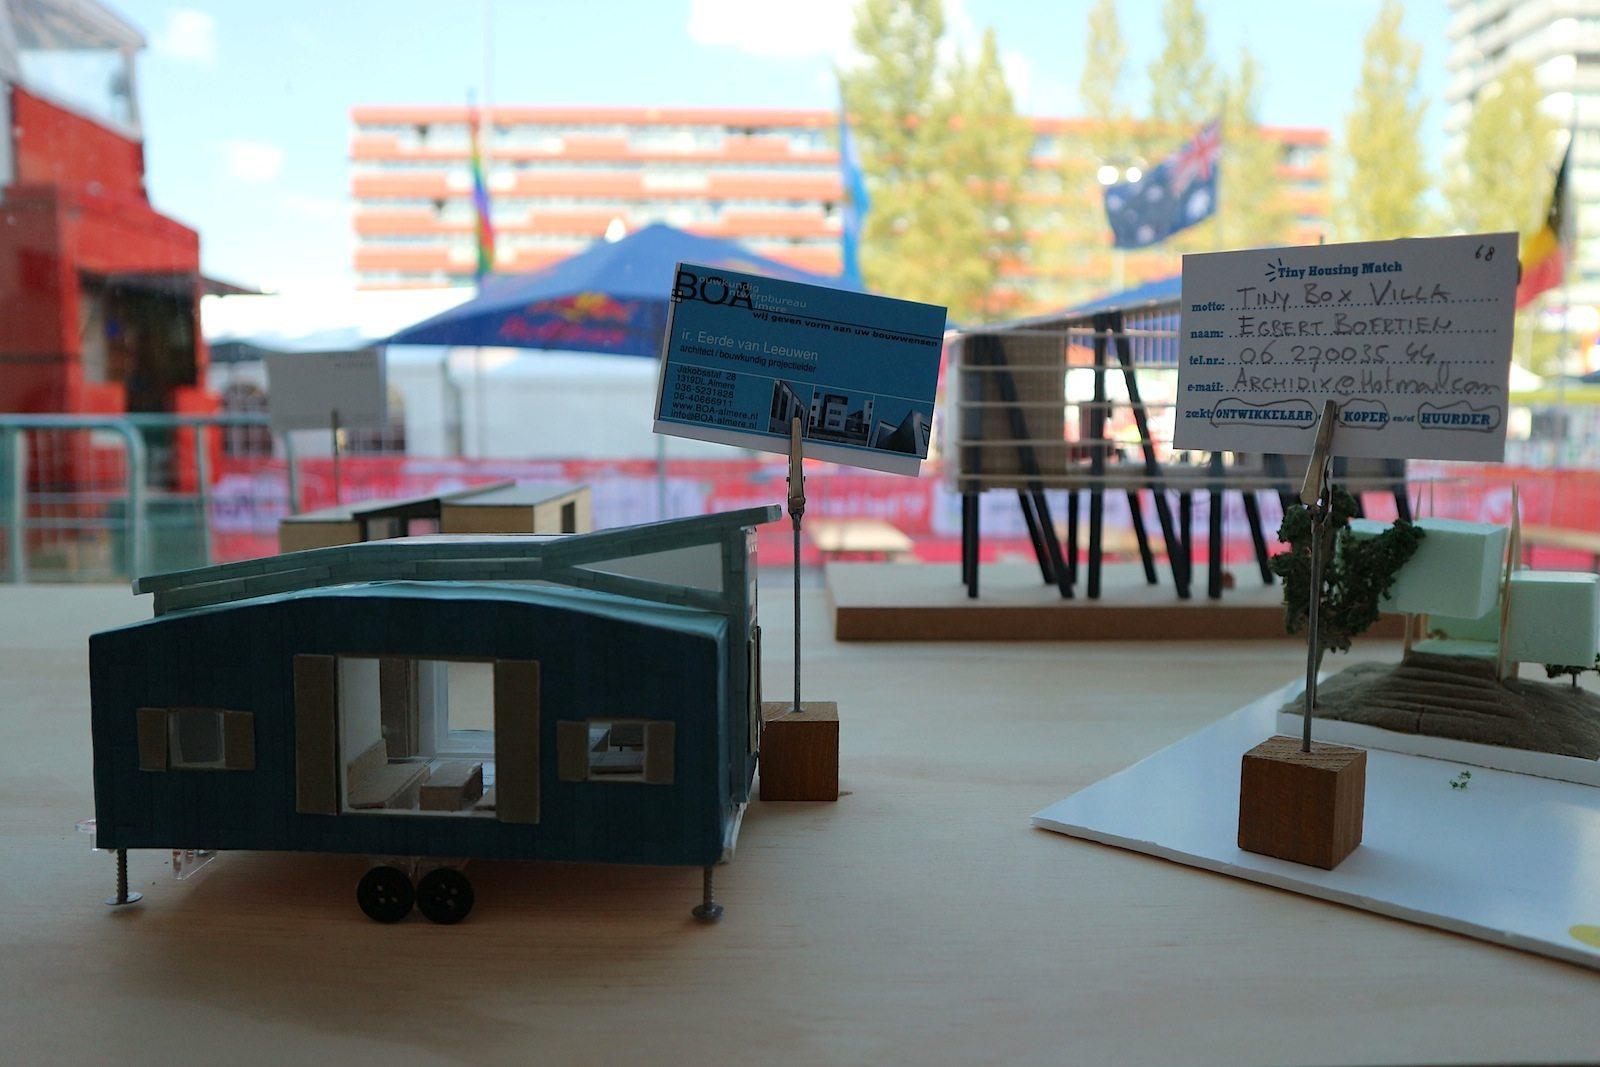 Ausstellung.  Die hier gezeigten Modelle sind im von SANAA entworfenen Schouwburg in der Almerer Innenstadt zu sehen.